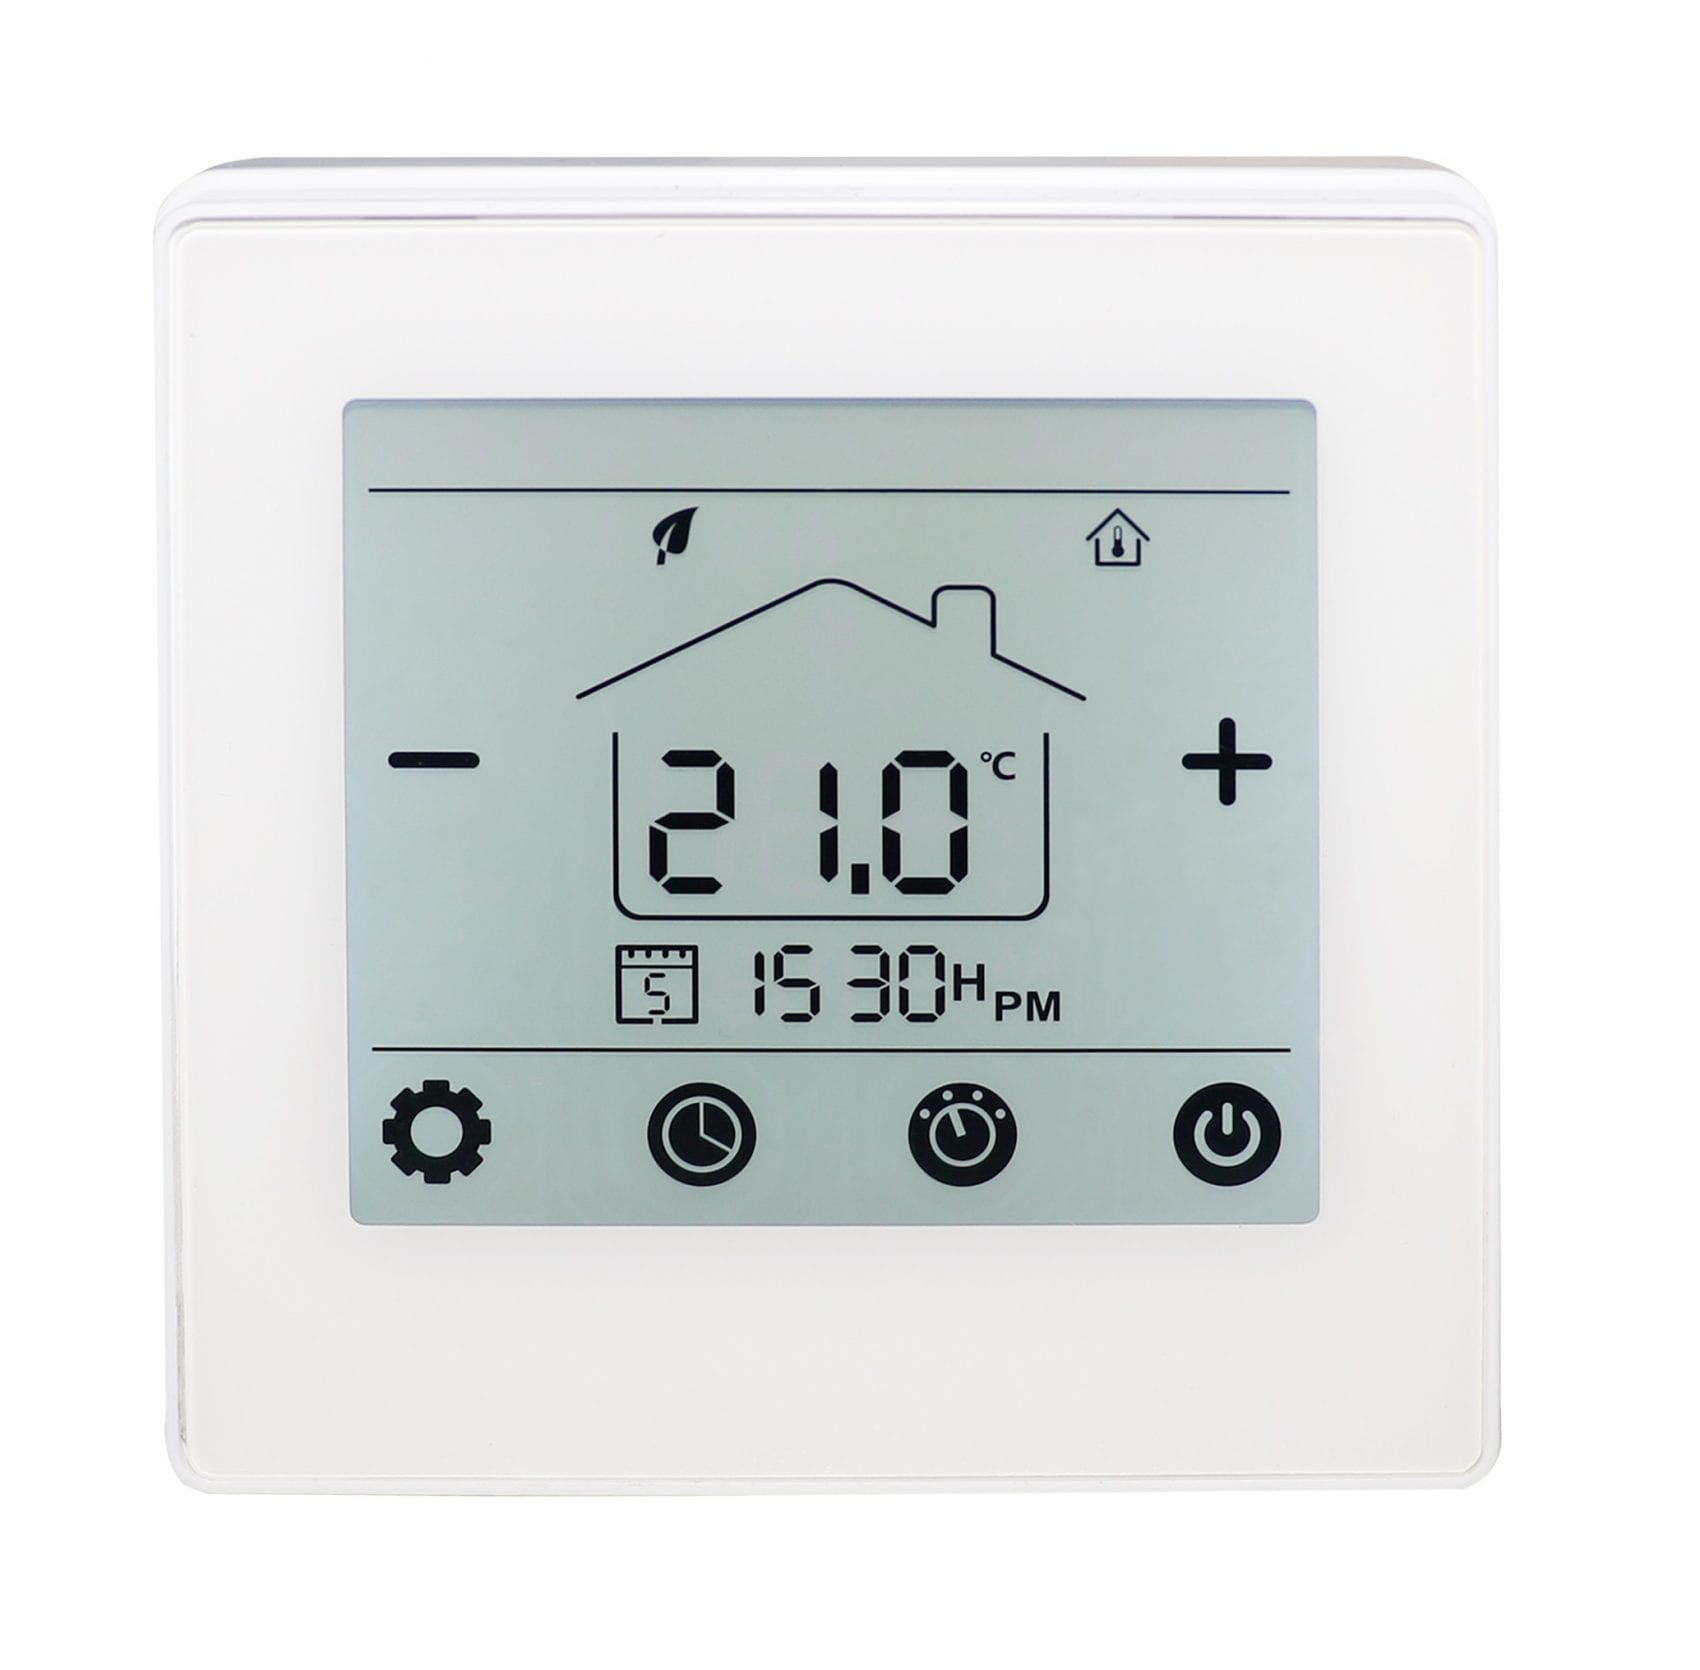 Herschel iQ MD1 Wired Thermostat